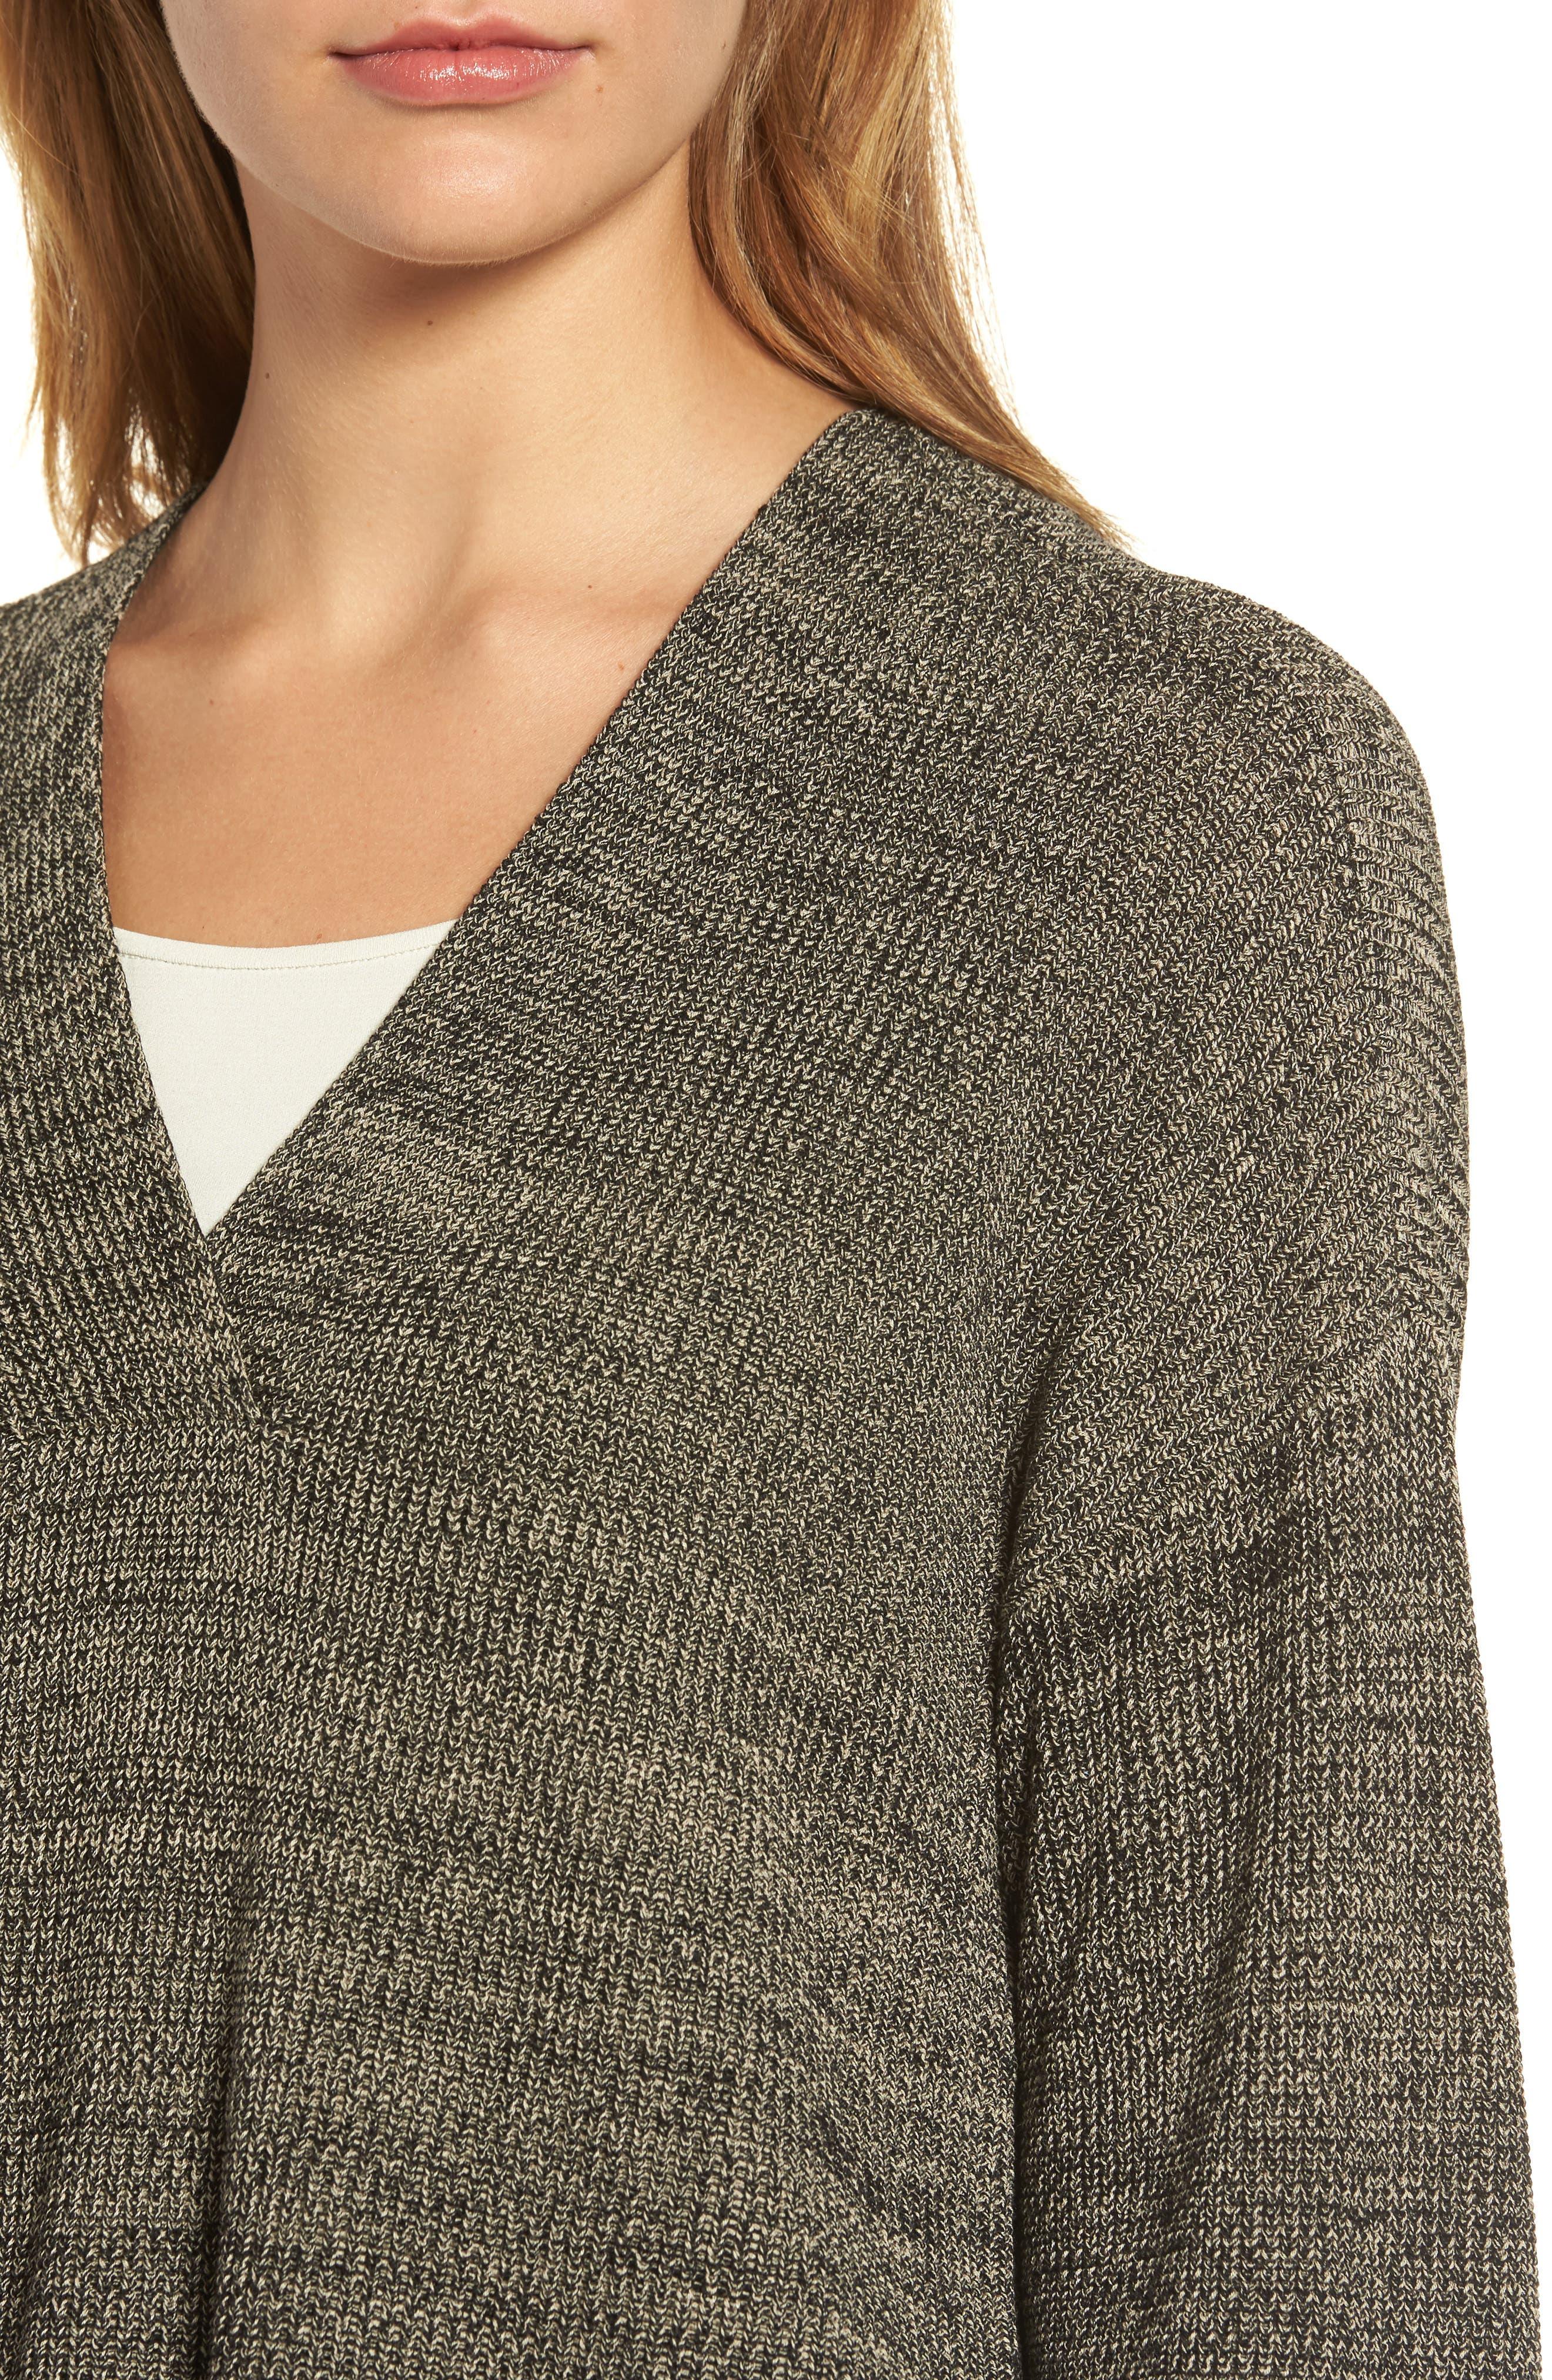 Mélange Knit Tencel<sup>®</sup> Crop Sweater,                             Alternate thumbnail 4, color,                             001